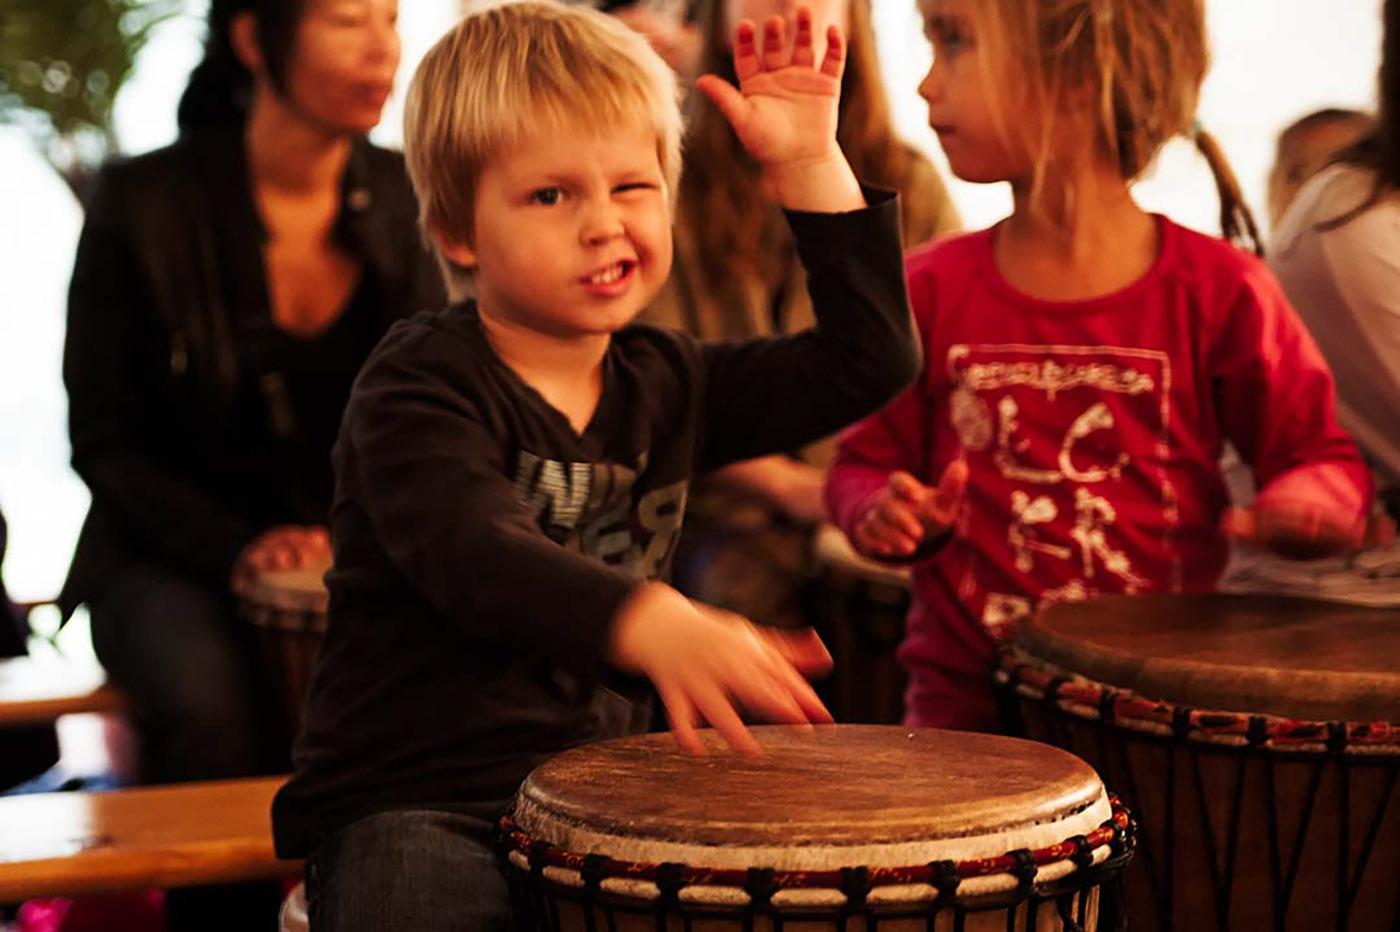 Percussie-Workshop-2-olv-Hans-en-Michiel-@Tam-Tam-Rotterdam-201012-Rdam-Schiebroek-7